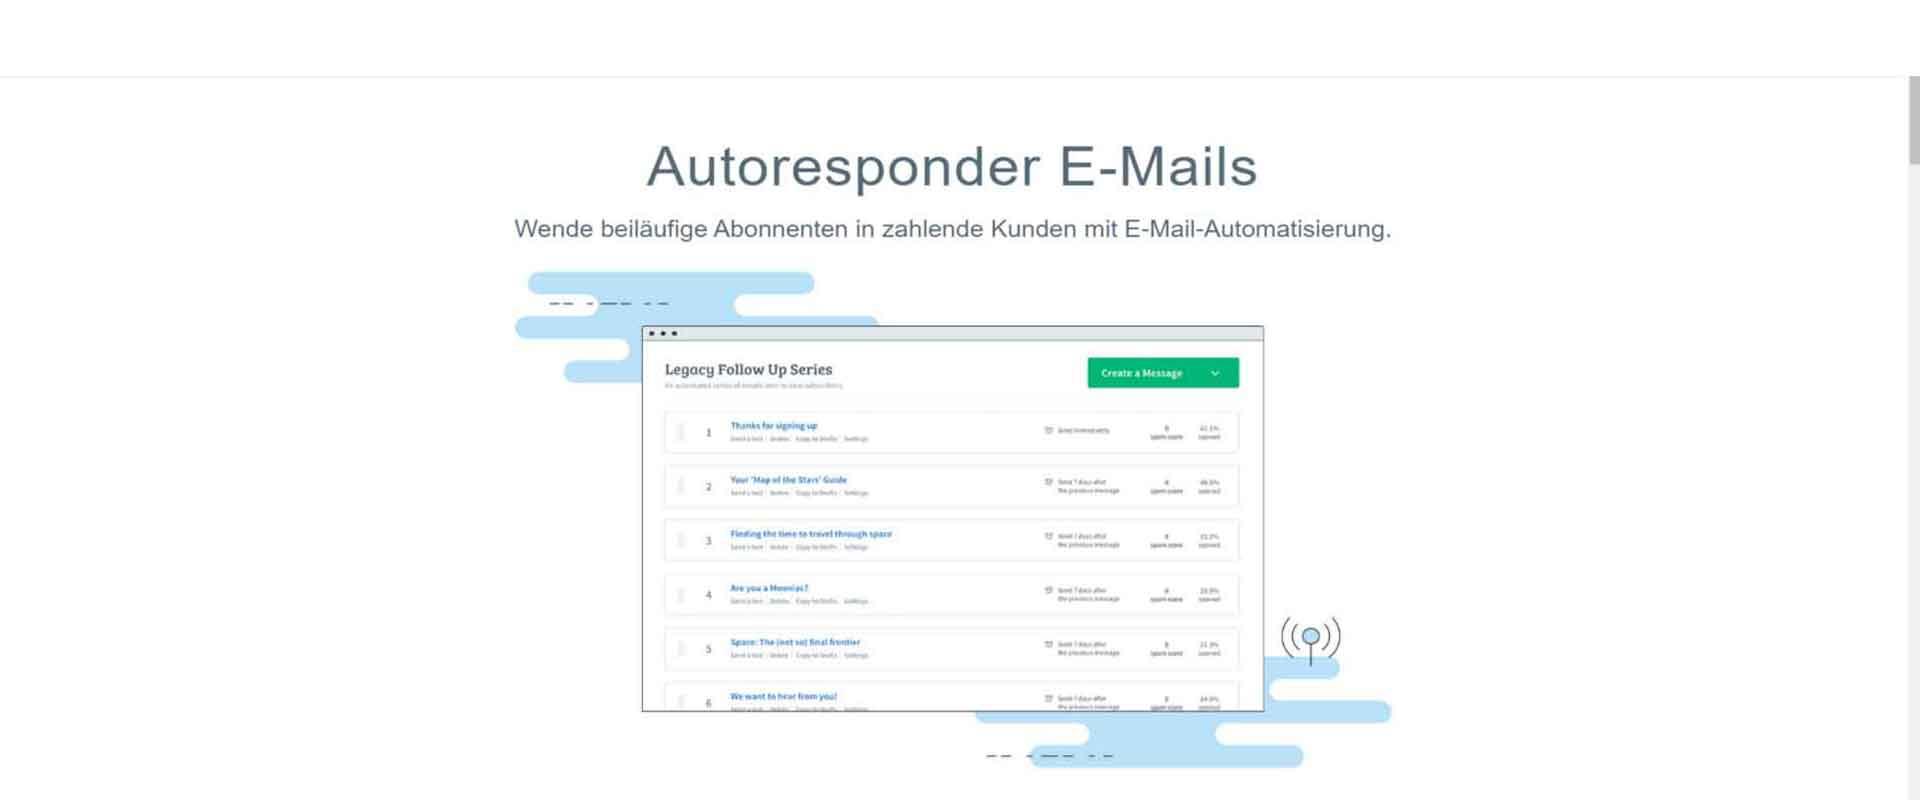 AWeber-Autoresponder-E-Mails